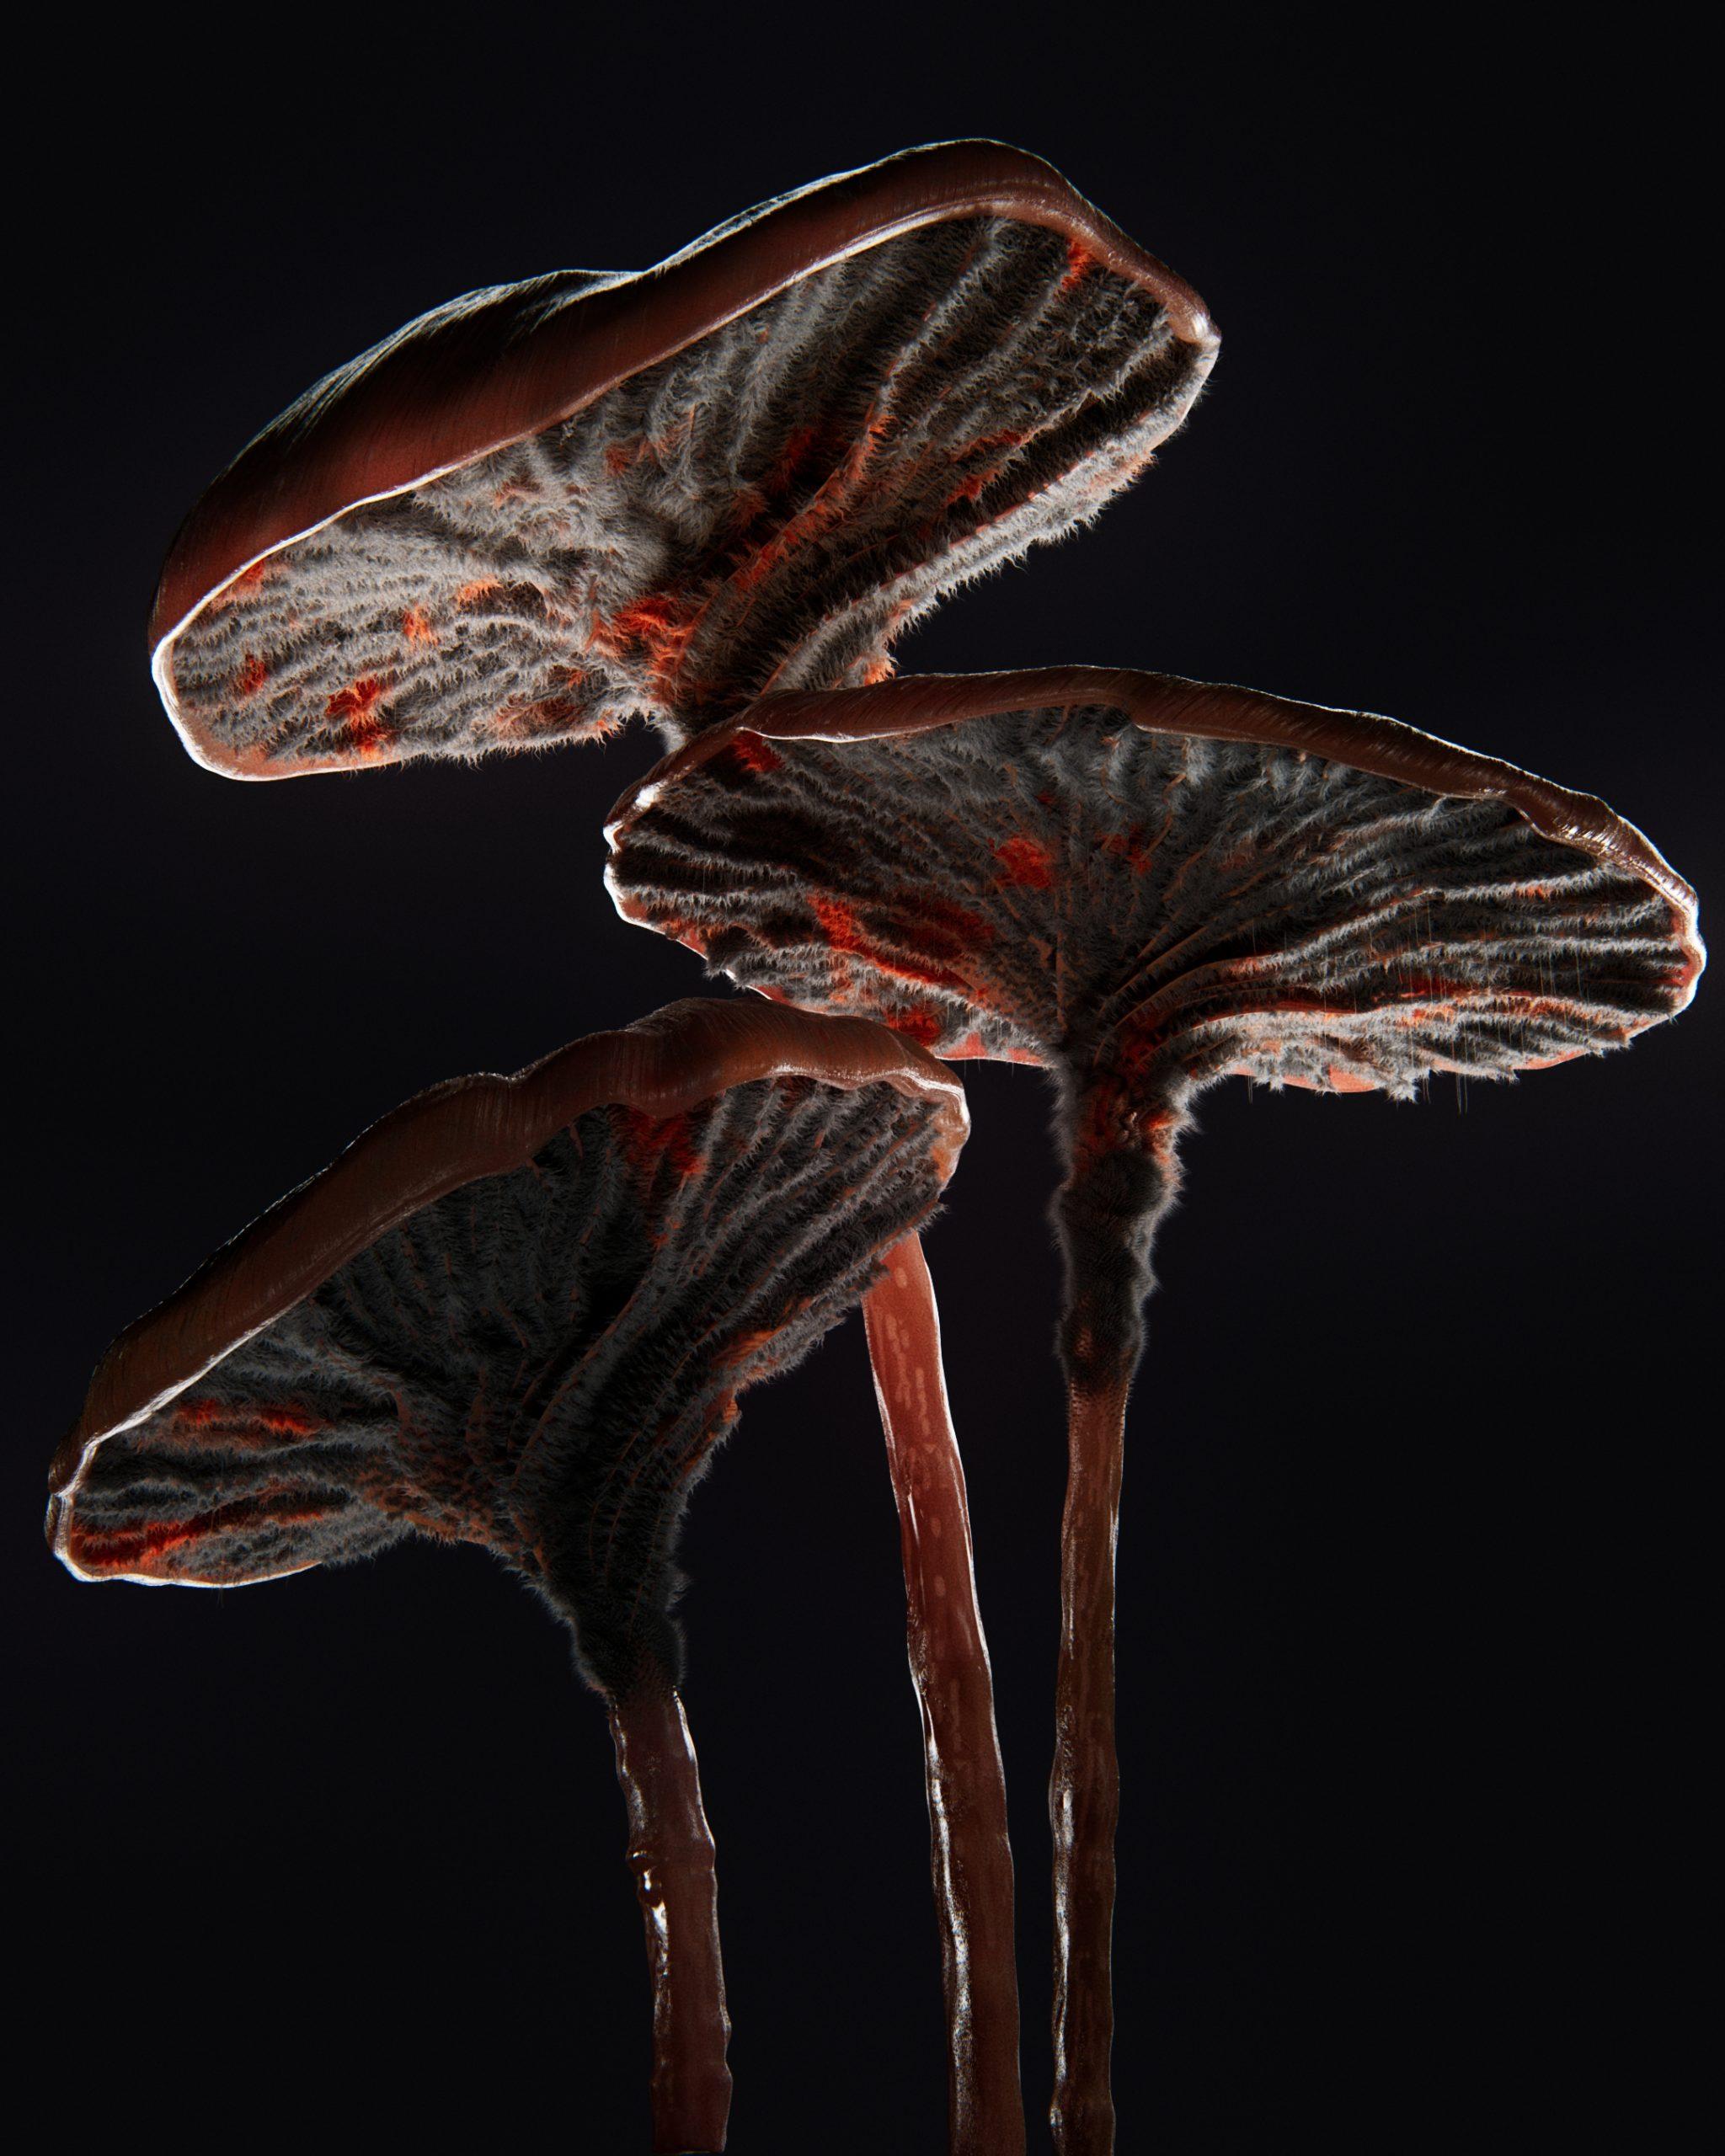 Mushroom01_v20201118C_1.4.1